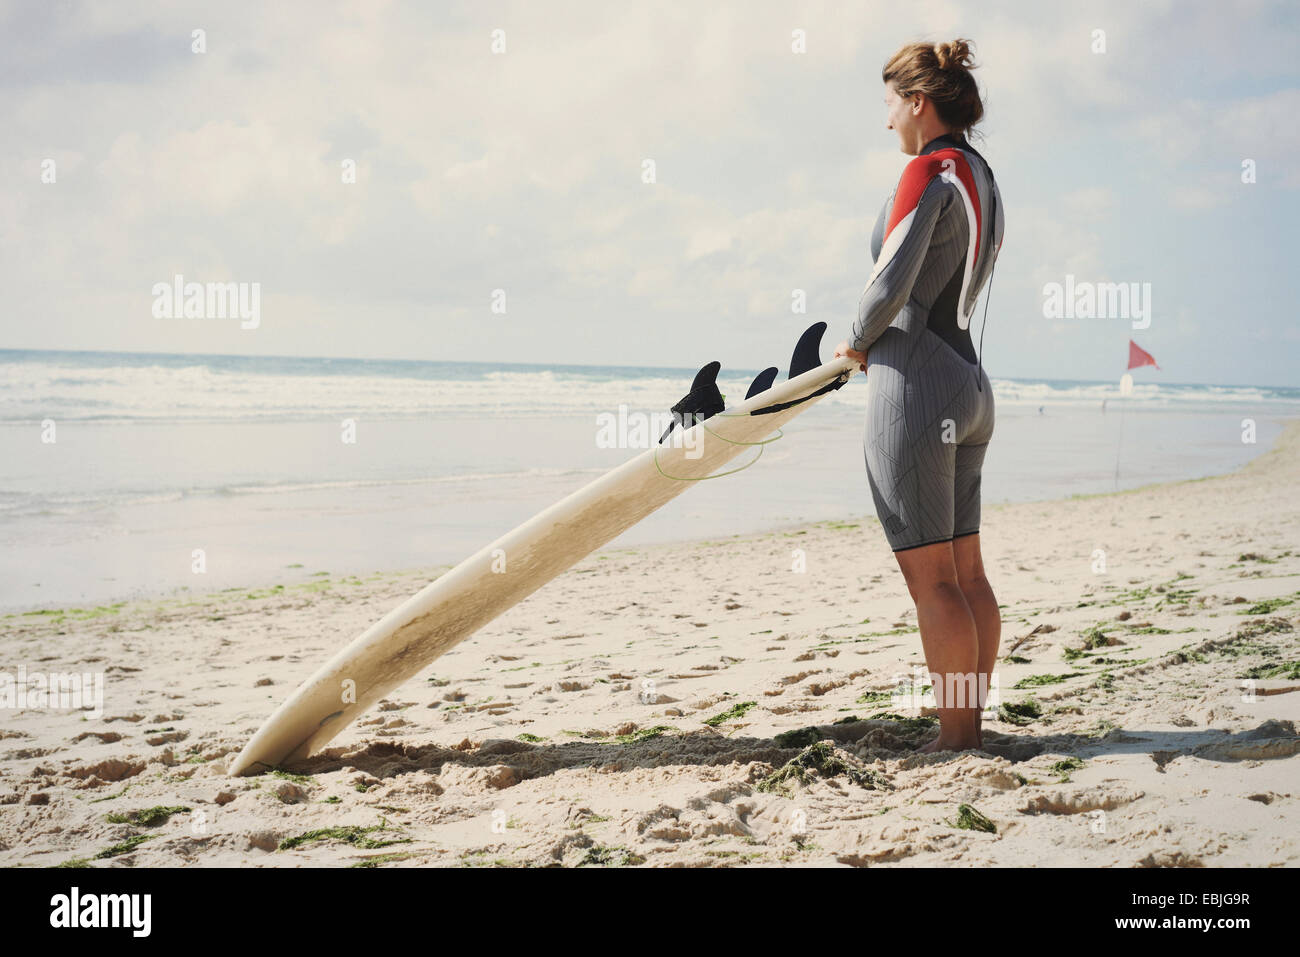 Surfer con tablas de surf en la playa, Lacanau, Francia Imagen De Stock